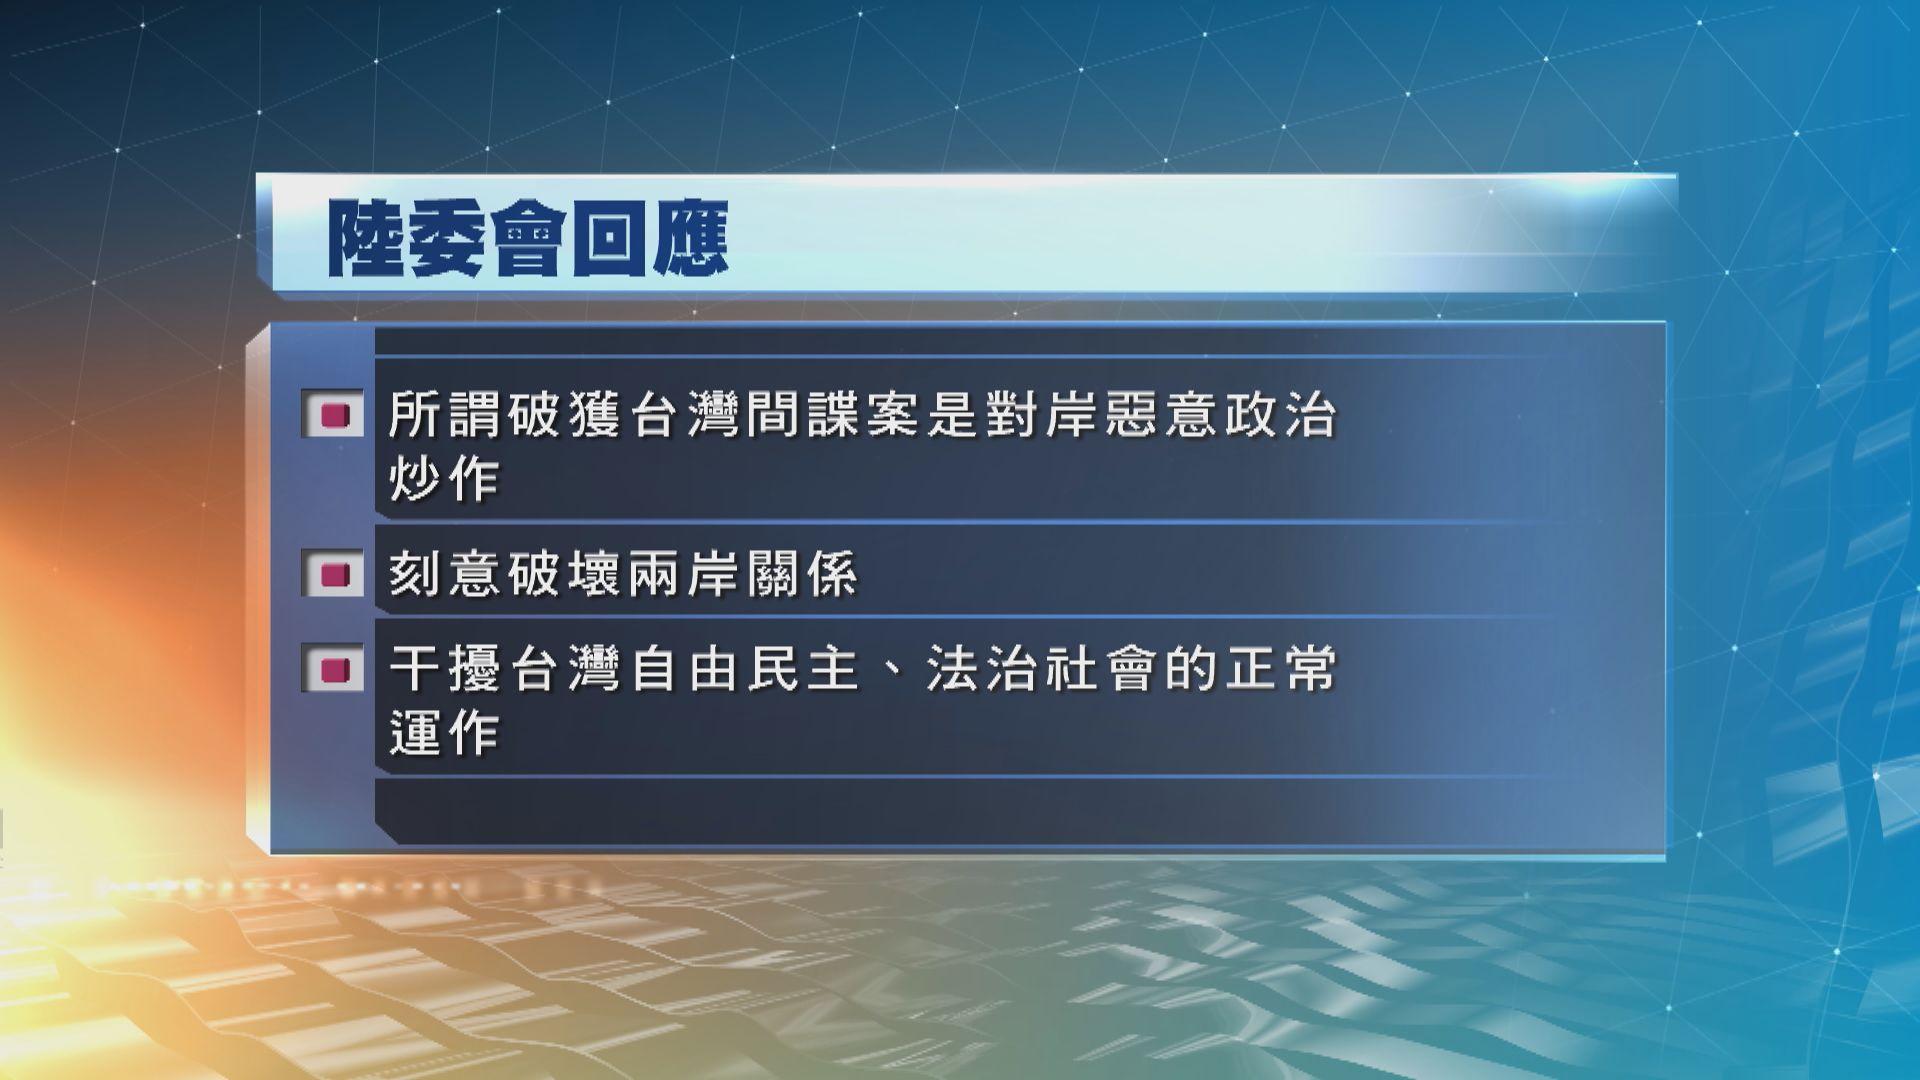 陸委會:内地所謂破獲台灣間諜案 是對岸惡意政治炒作